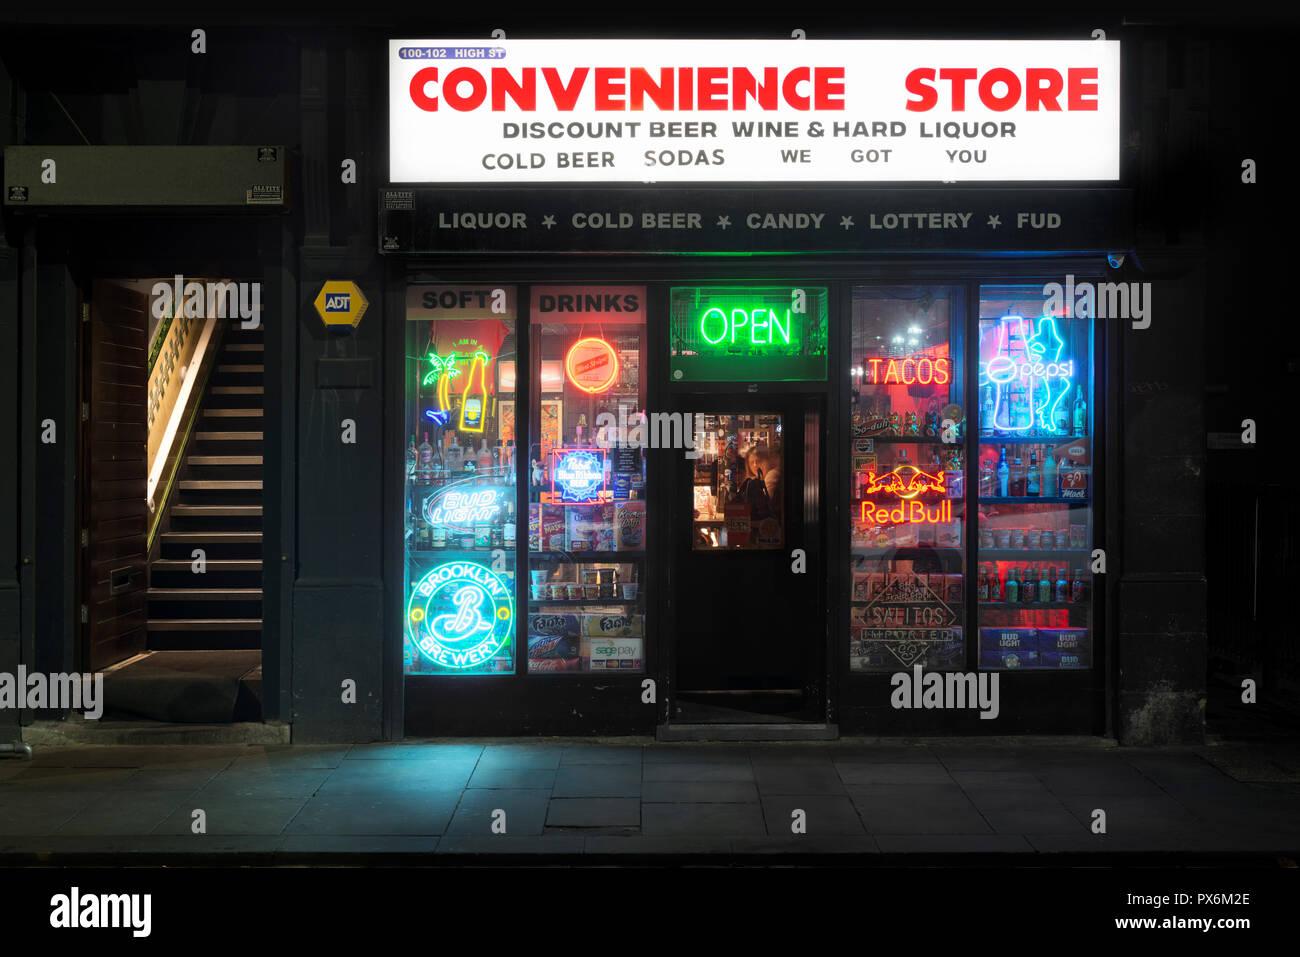 L'Épicerie bar situé sur la rue dans la région du Nord, du centre-ville de Manchester, au Royaume-Uni. Photo Stock